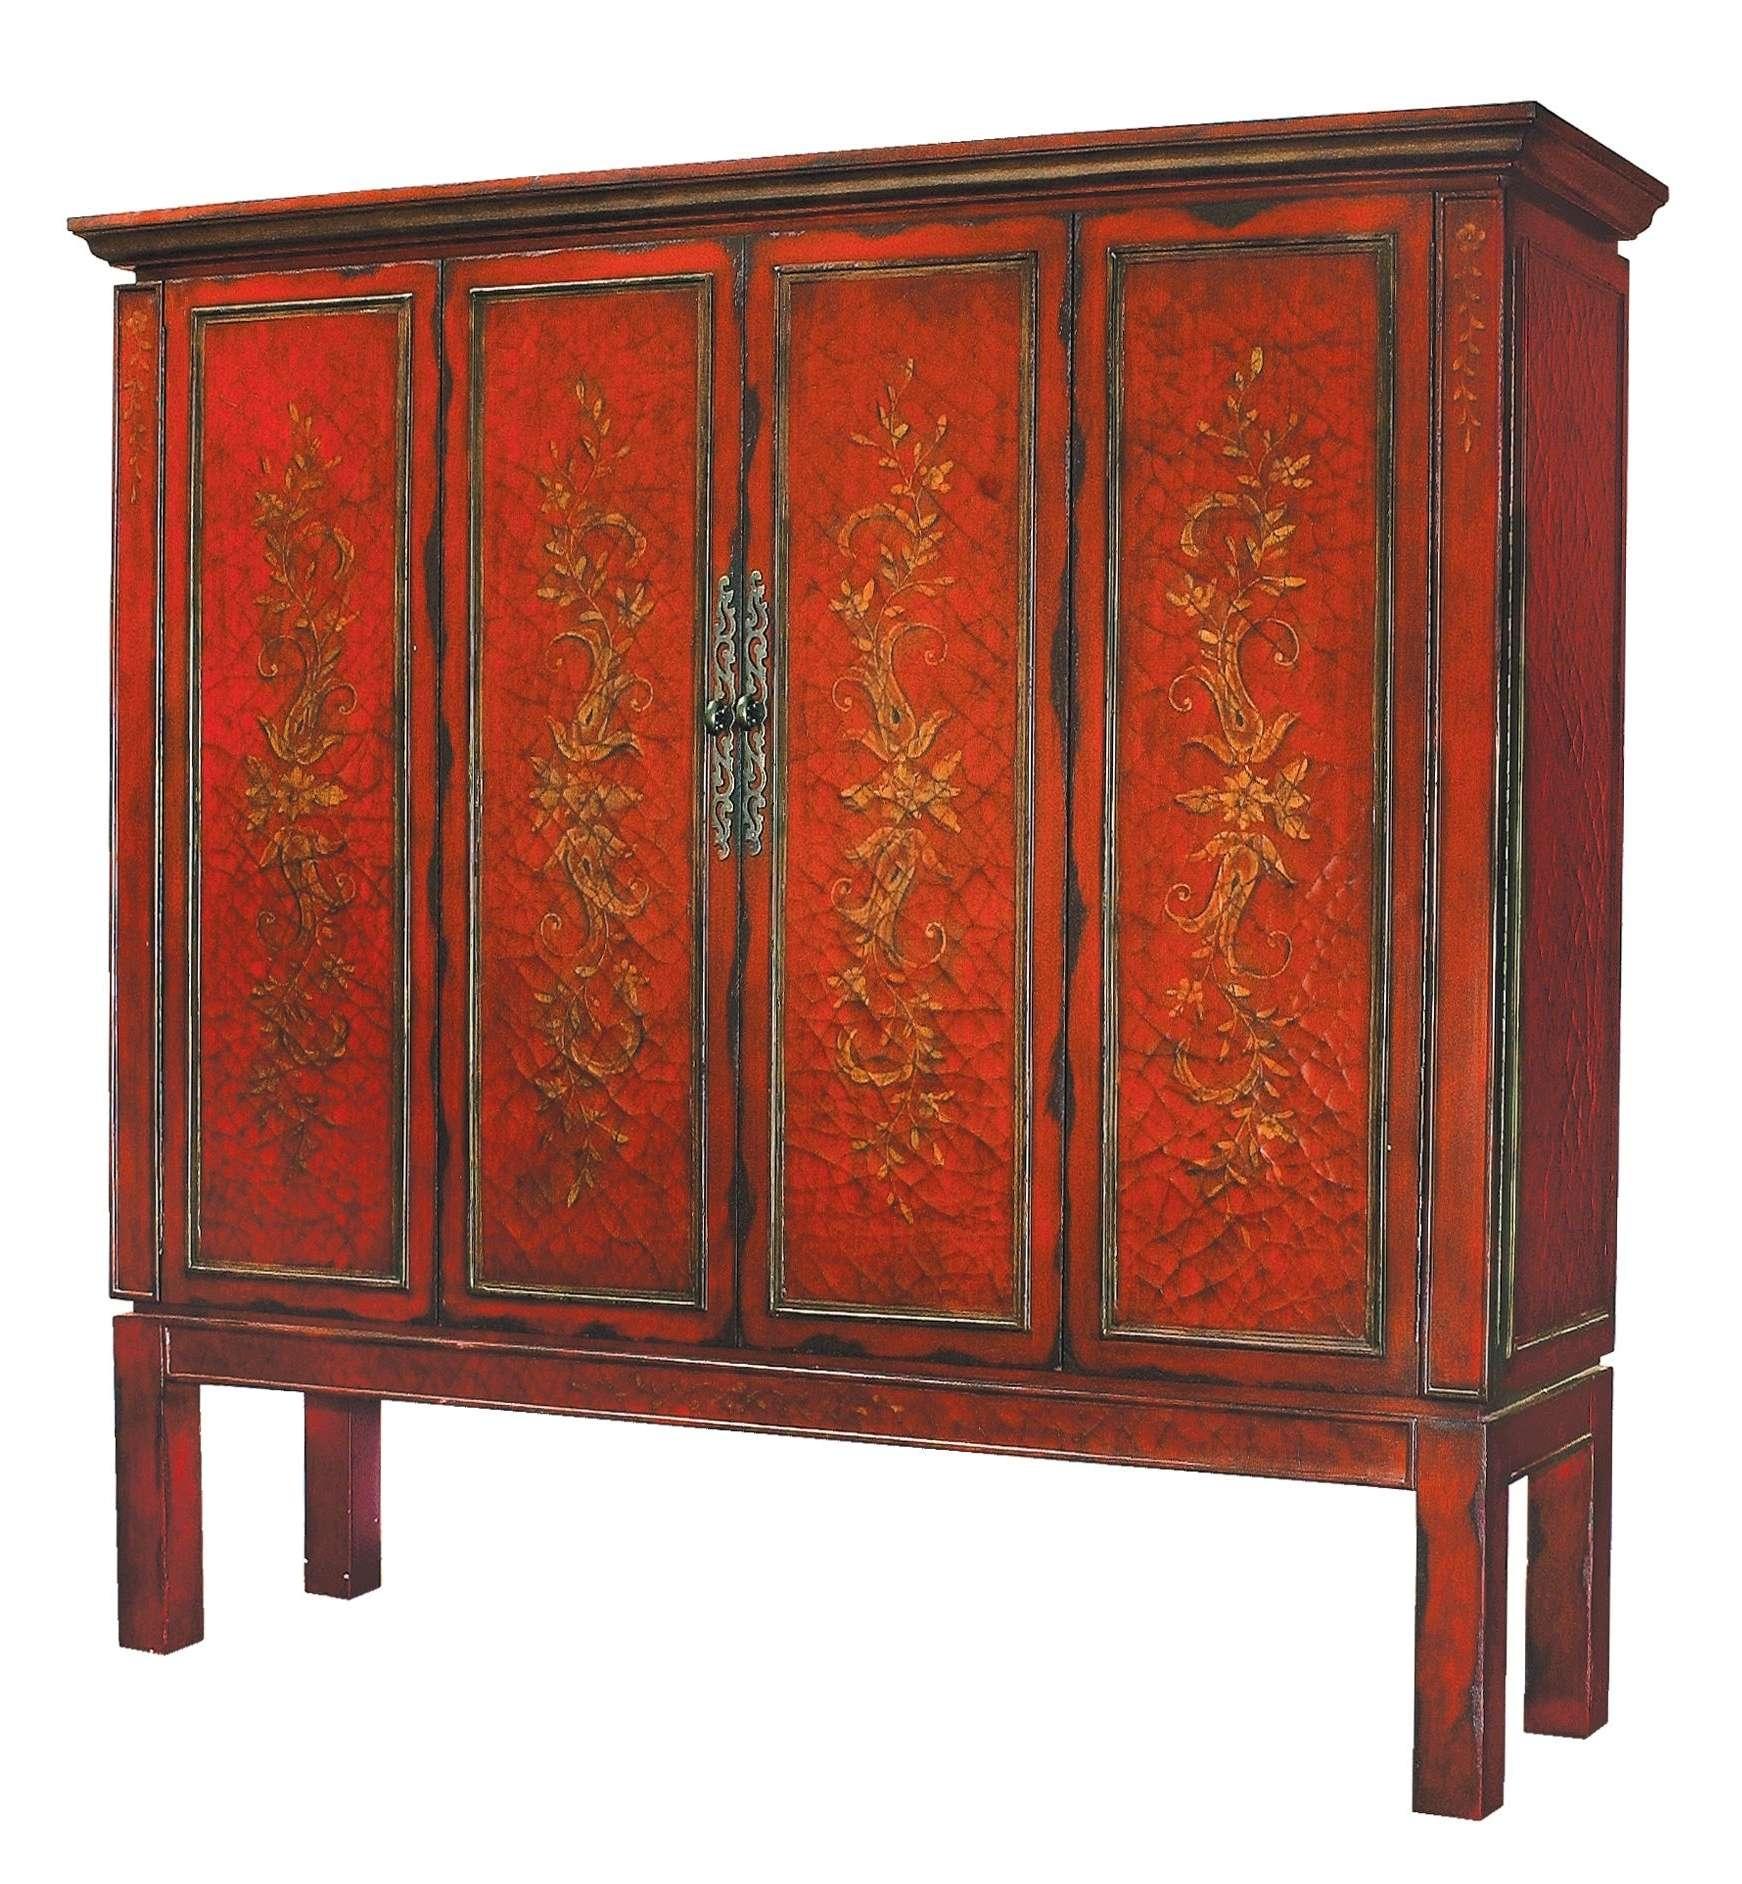 Oak Tv Cabinet With Doors Gallery – Doors Design Ideas Intended For Oak Tv Cabinets With Doors (Gallery 18 of 20)